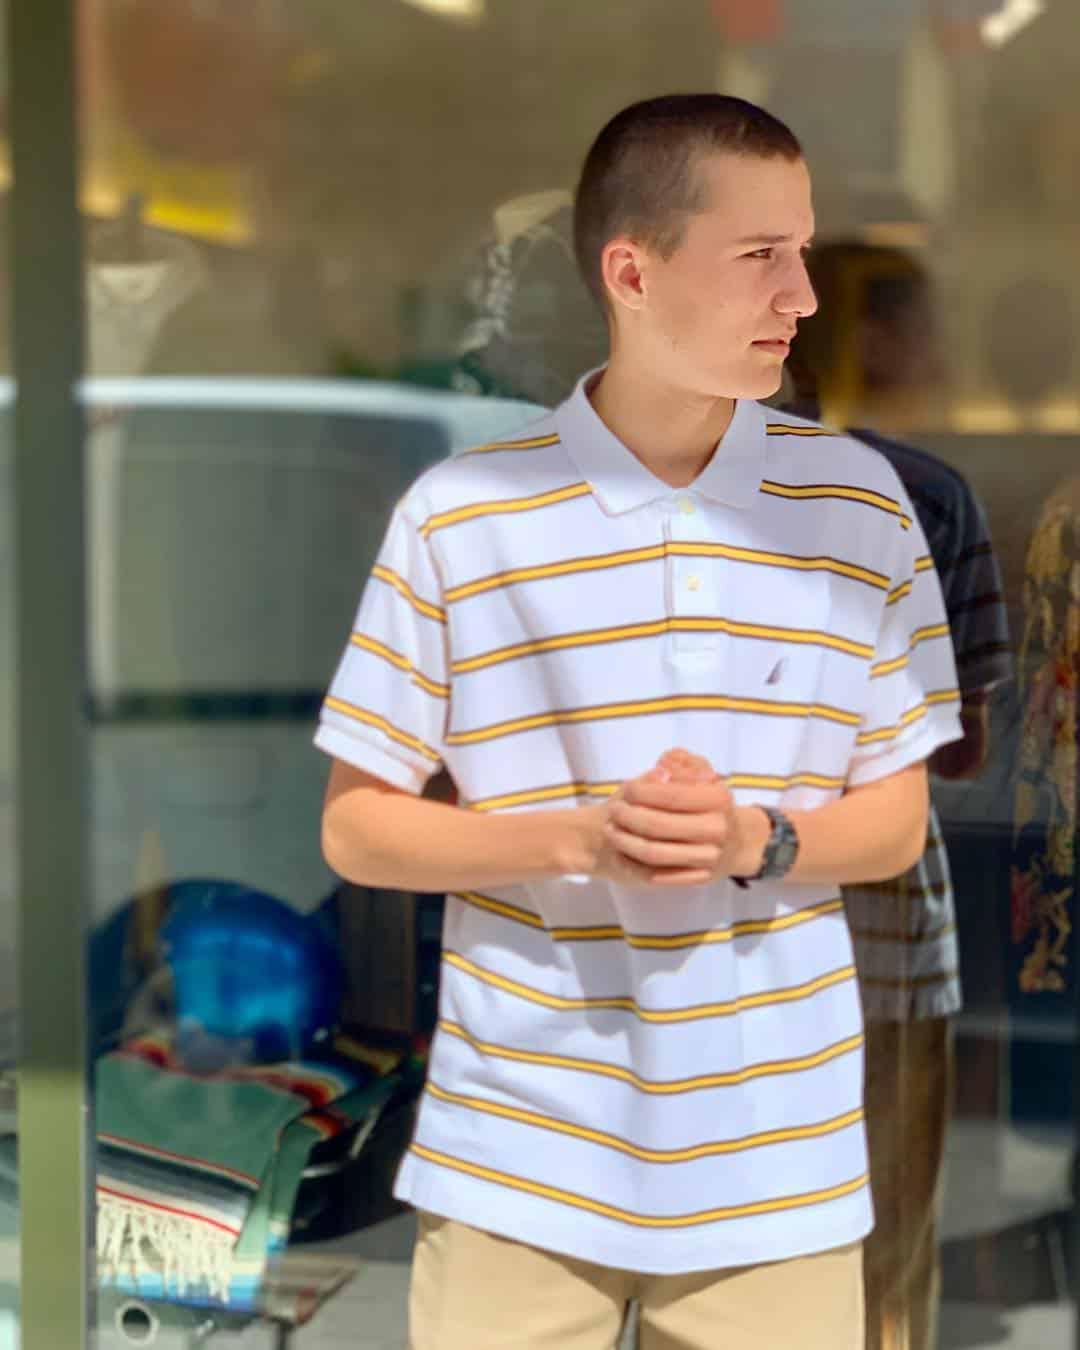 Top 10 des tendances de la mode ado garcon 2020: vêtements élégants pour adolescents 2020